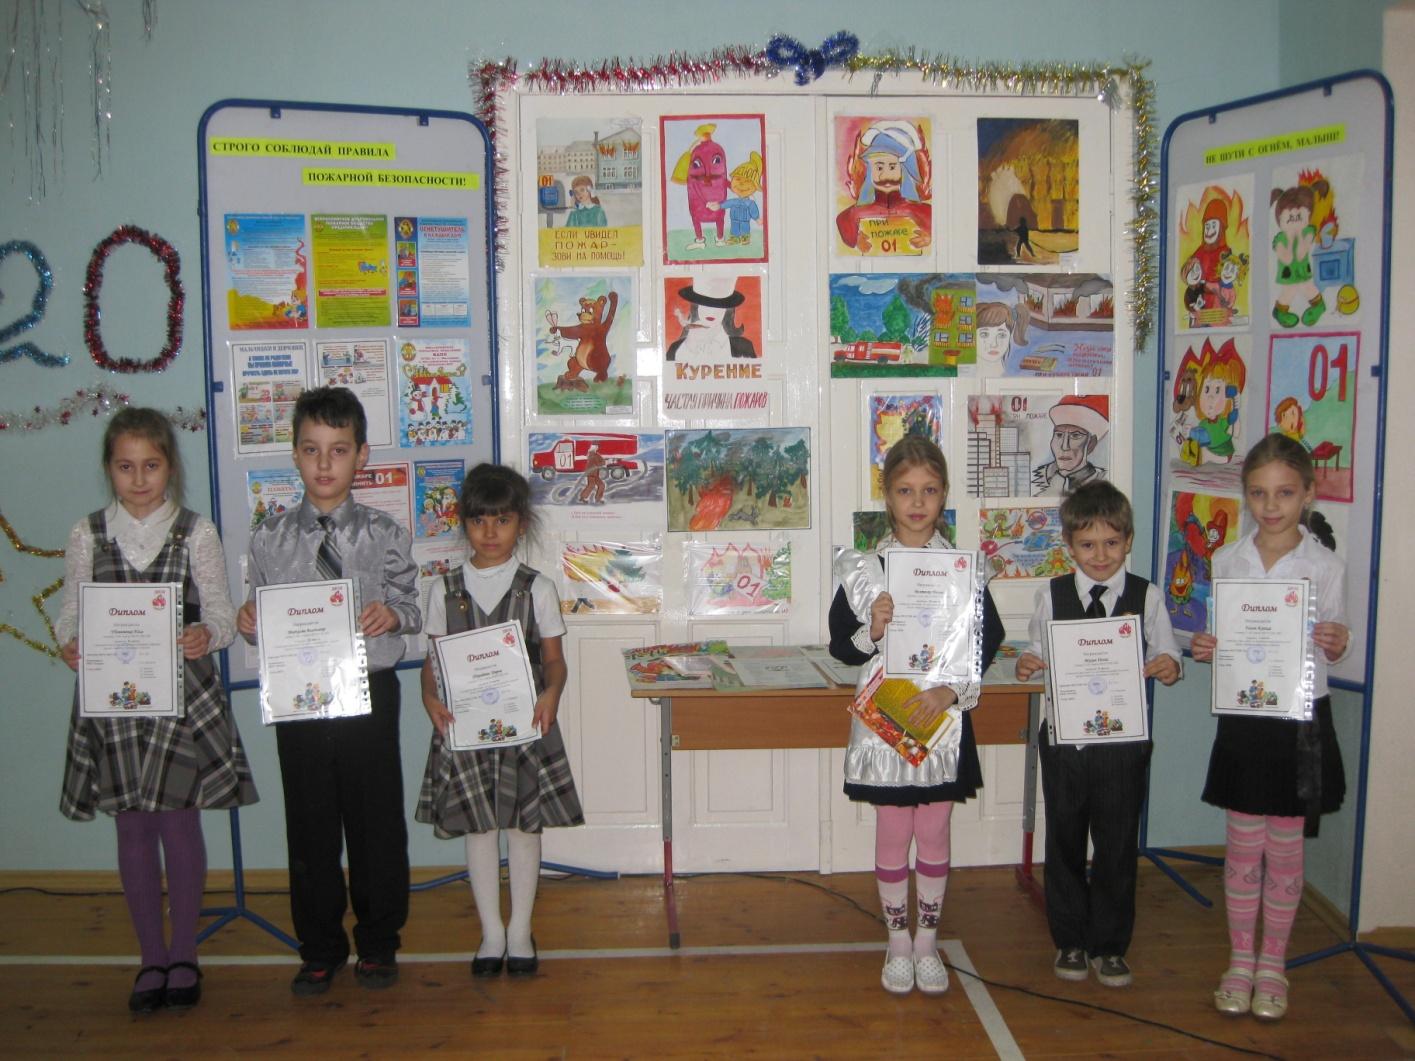 E:\мои рисунки\Мой класс\9 Б класс 2010-2011 г\Отчетное мероприятие по пожарной безопасности 27.12.2010\27 декабря 2010г\IMG_6072.JPG